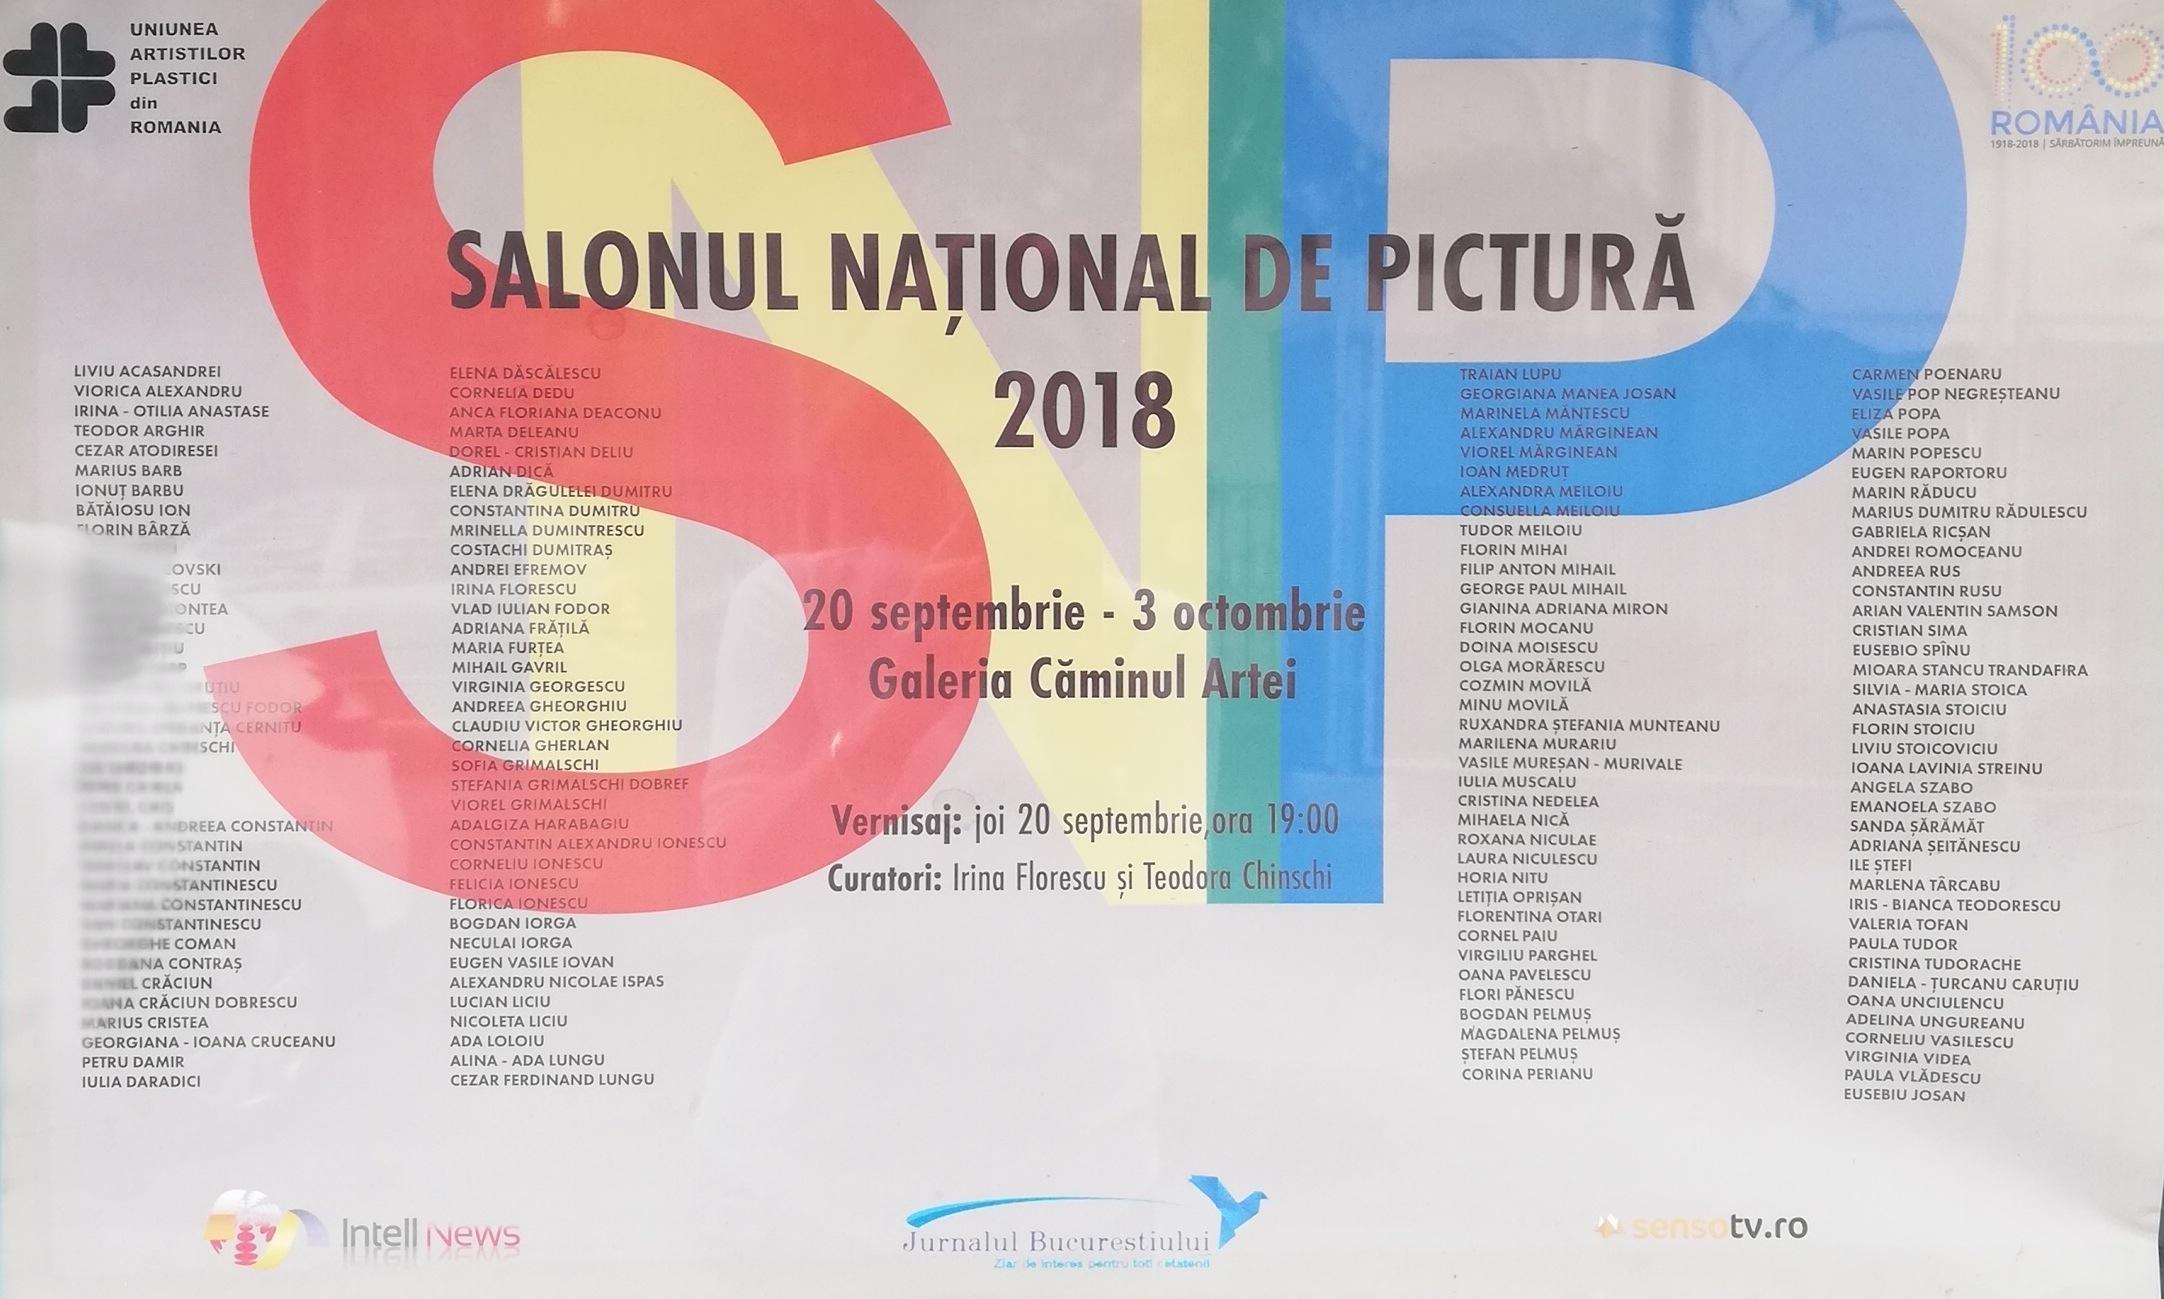 Salonul Național de Pictură 2018